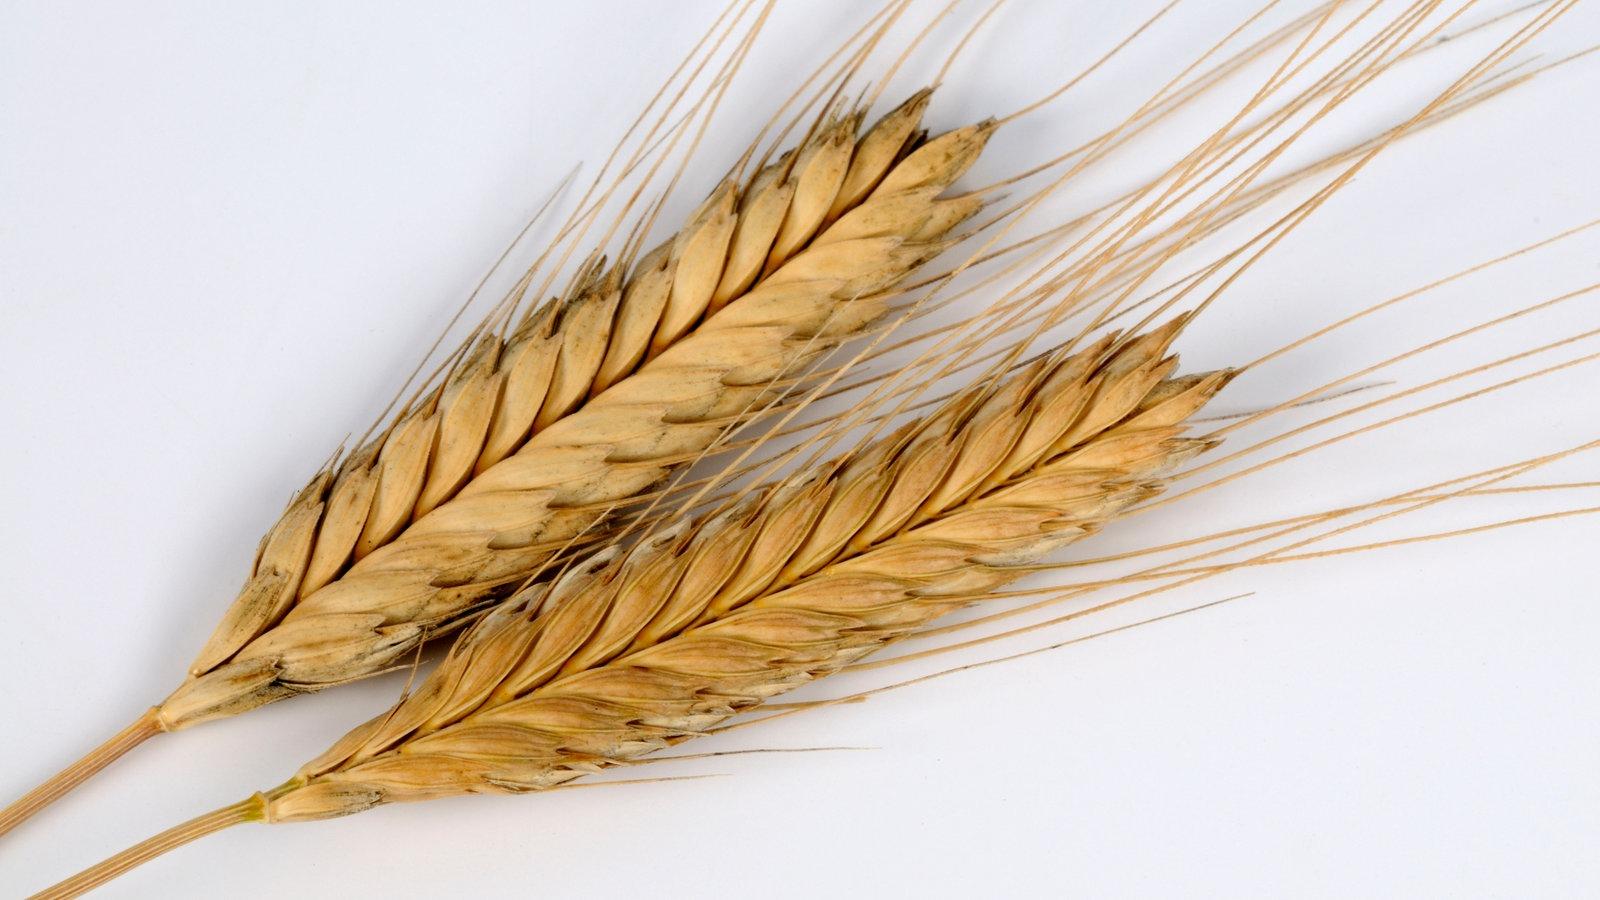 Historie Einkorn 100 Gseagaleriexl Weizen Getreide